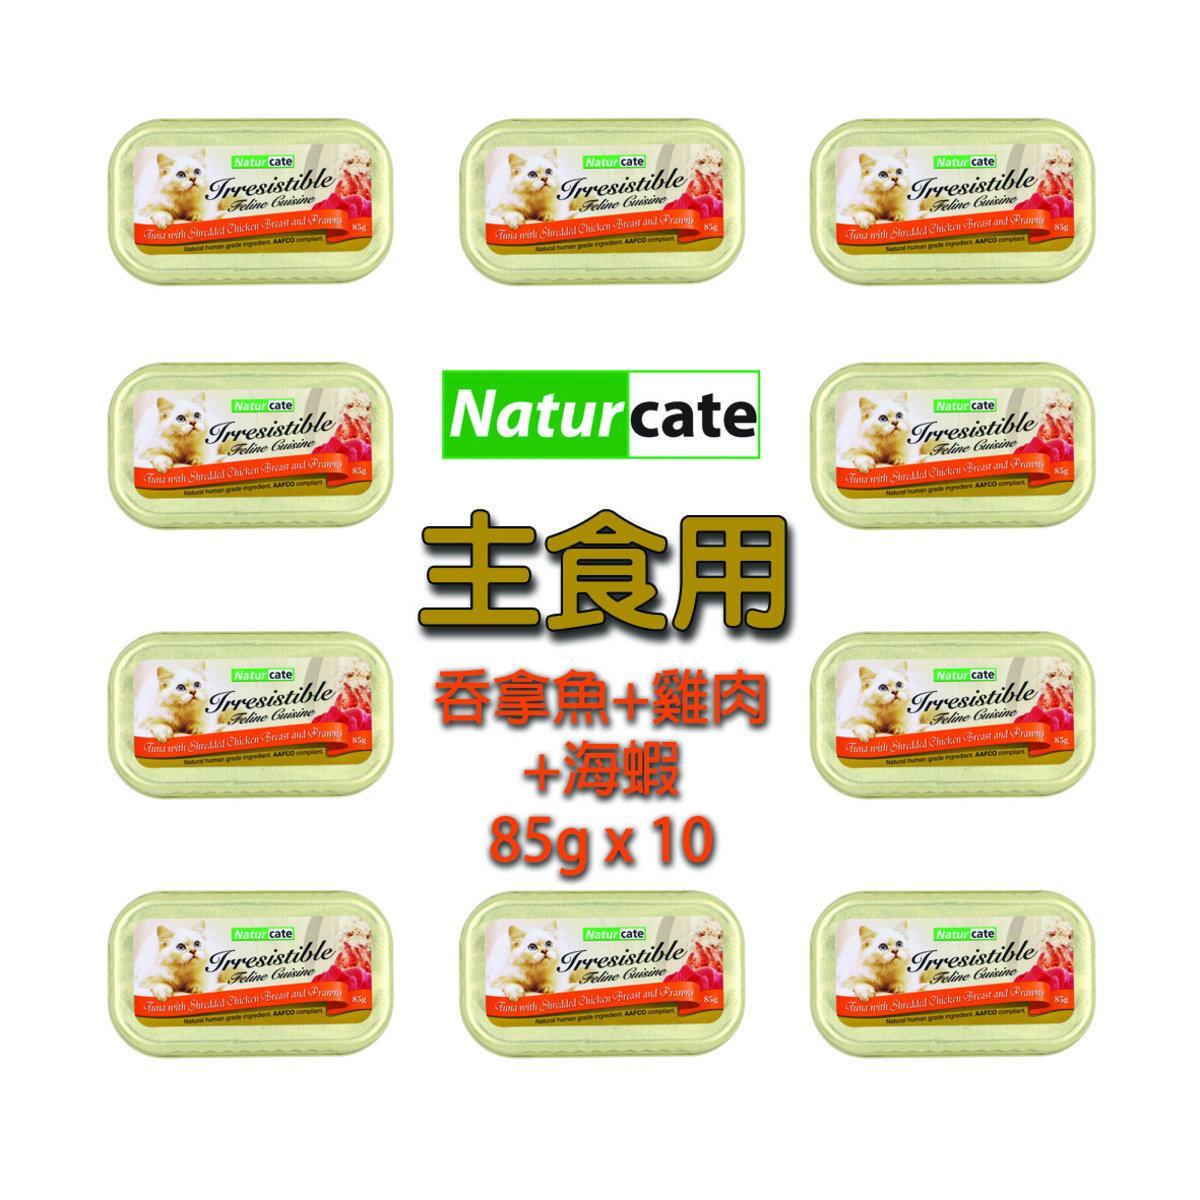 白肉吞拿魚+雞肉+蝦 85g - 10罐